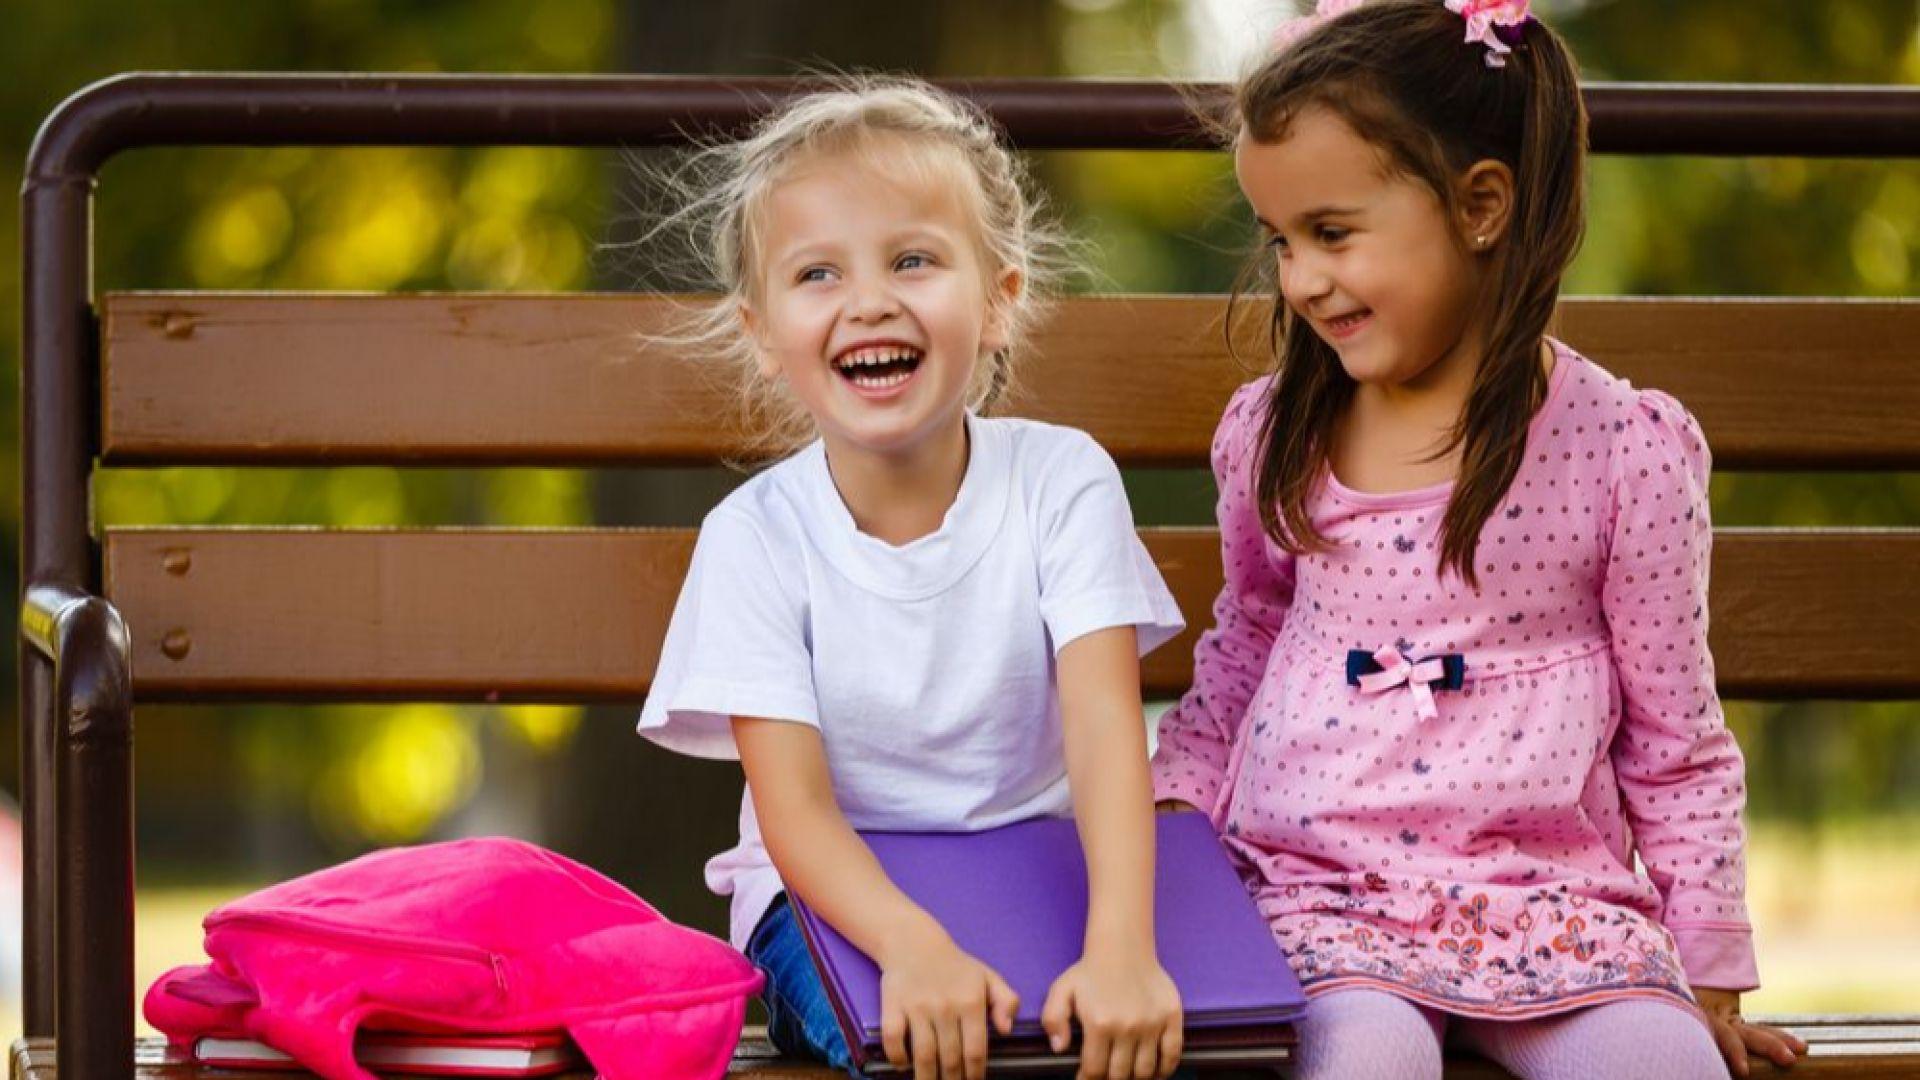 Послъгването може да е от полза за мозъка на децата